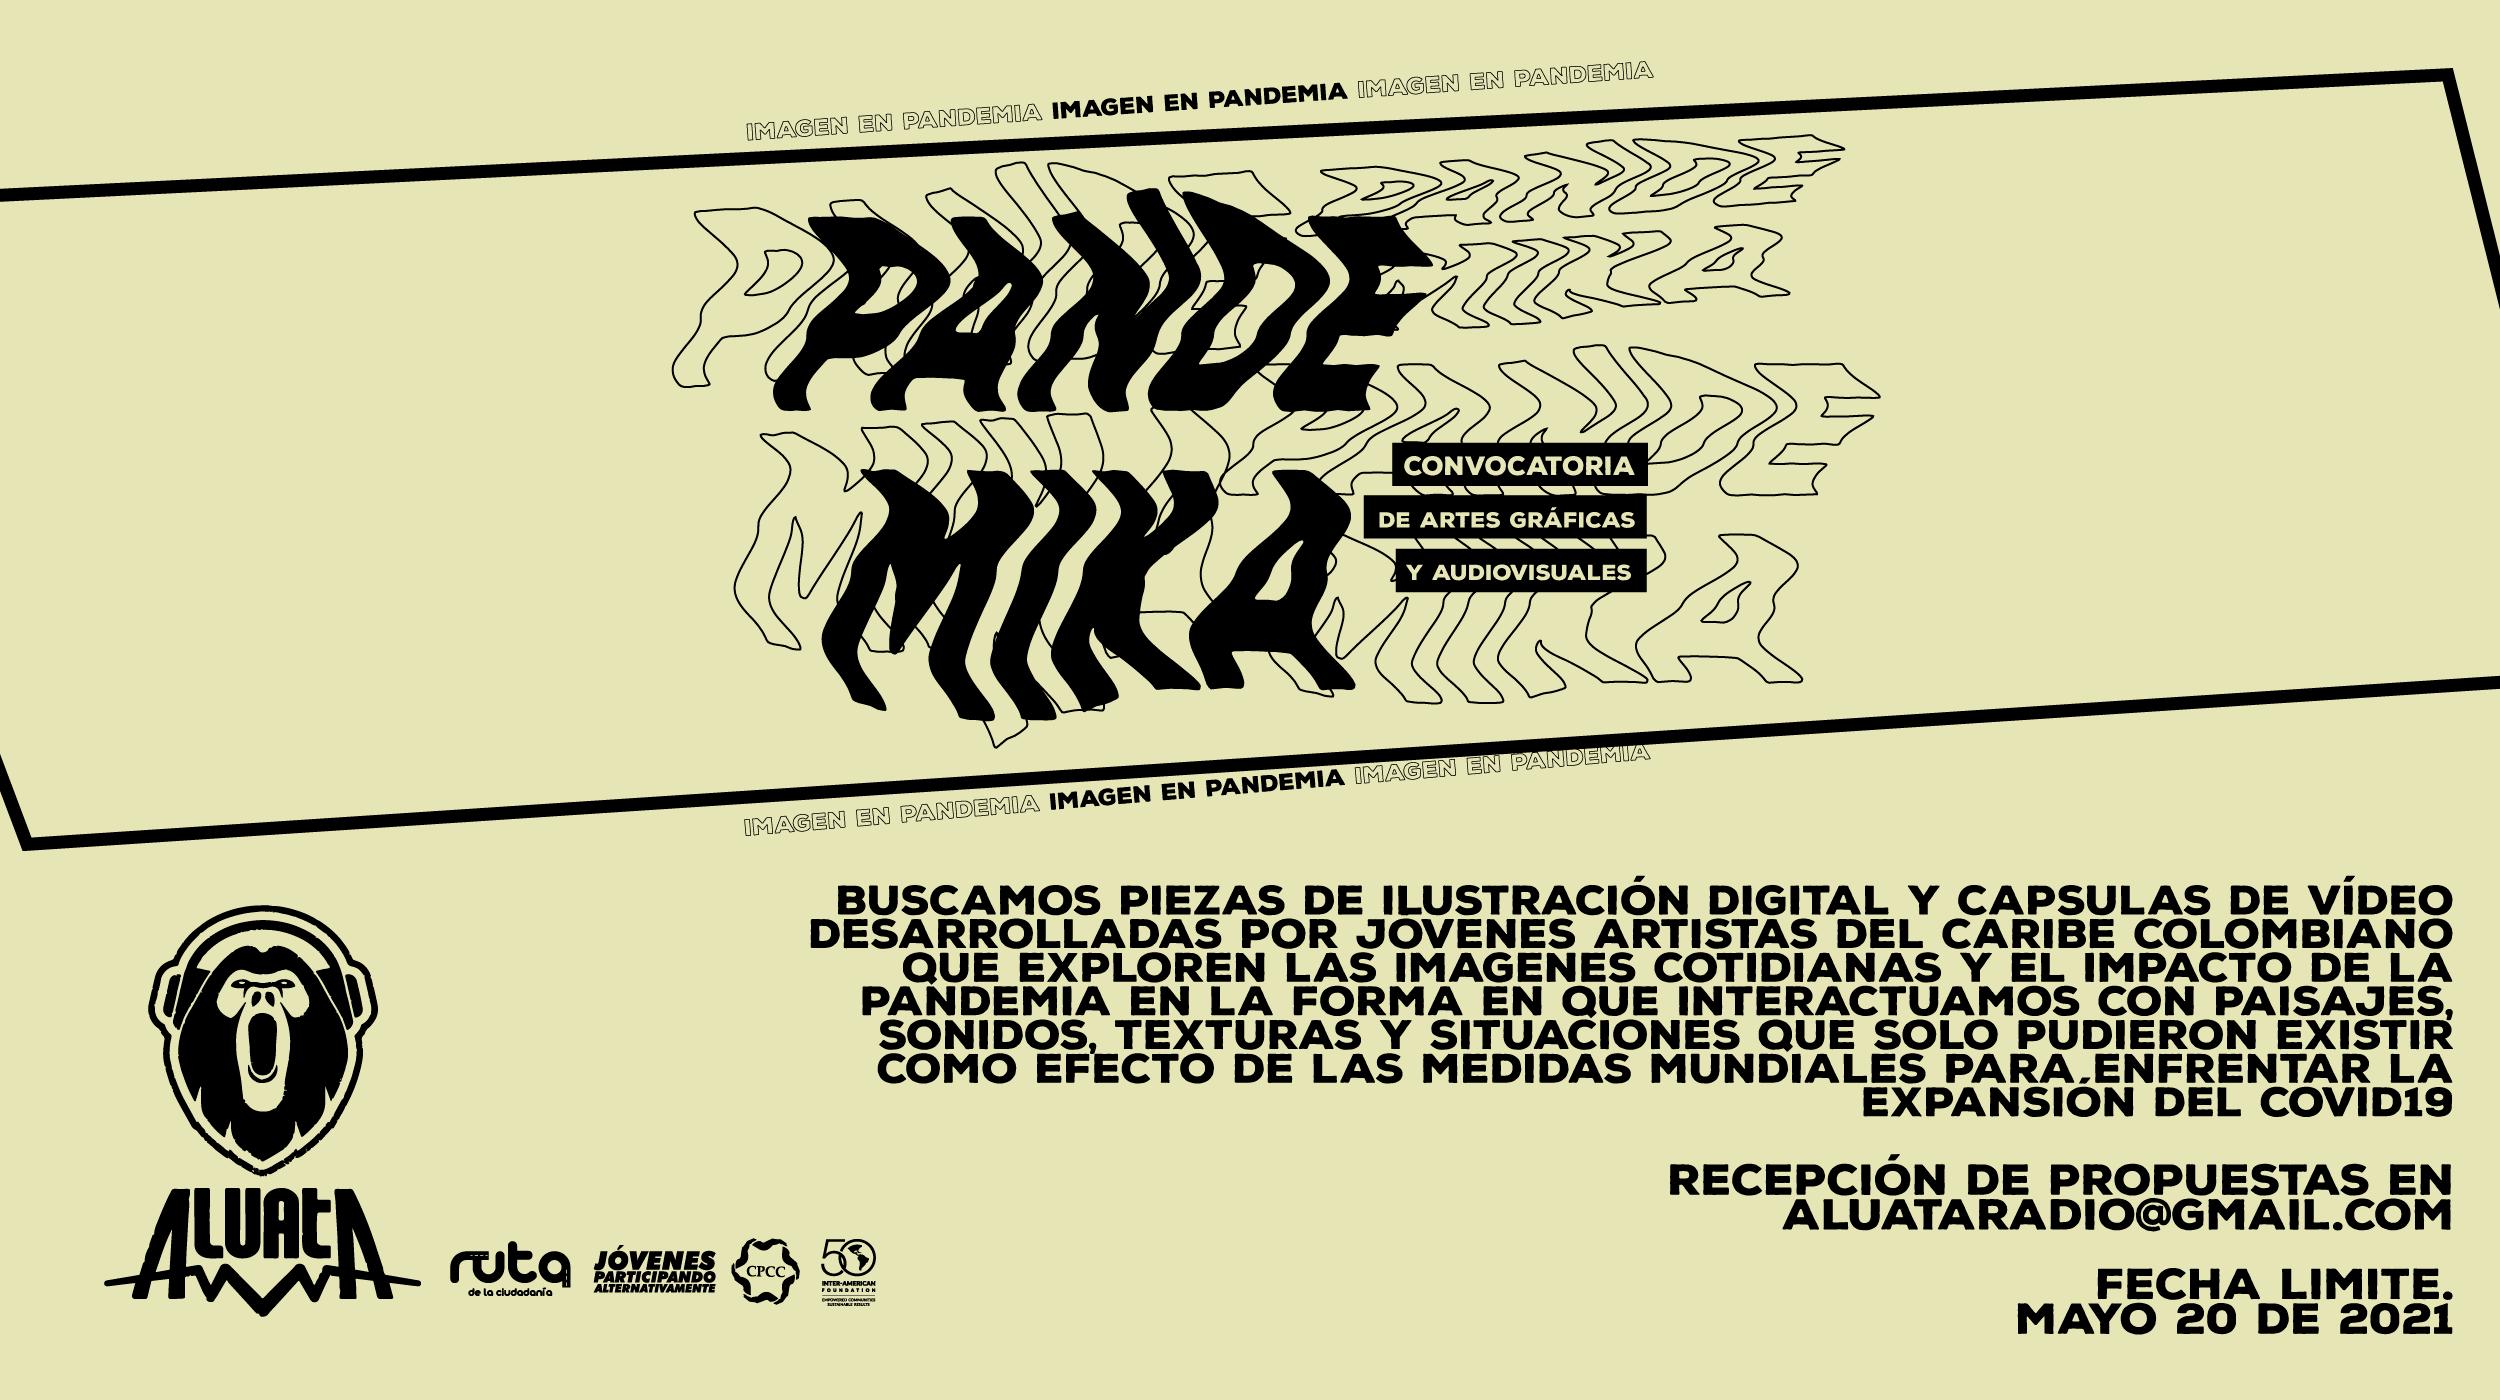 Participa de nuestro concurso Pandemika, Imagen en pandemia y podrás ganar premios espectaculares